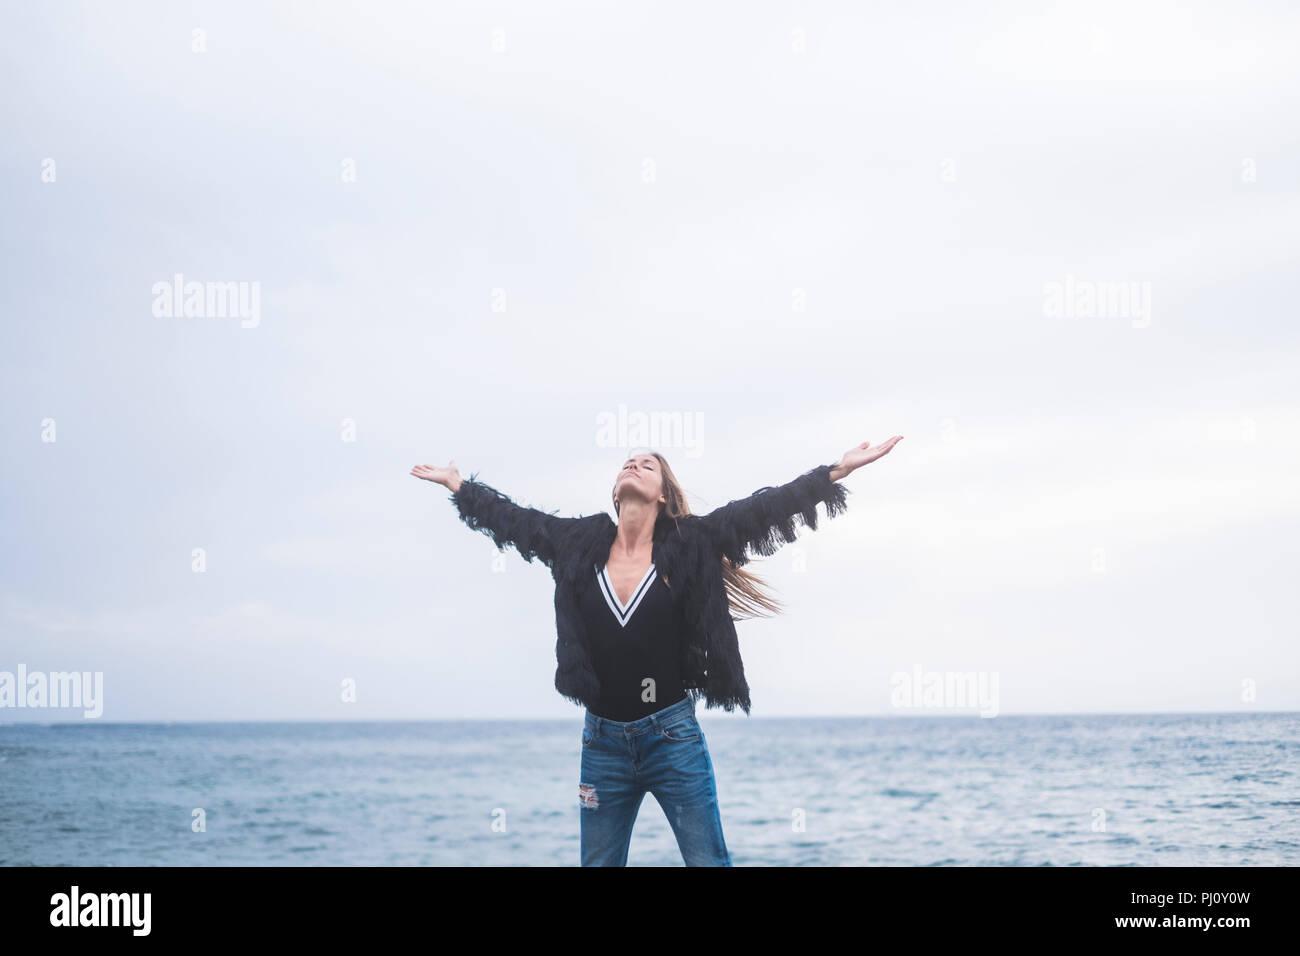 Schöne junge Frau, die auf einem Felsen am Strand den Himmel schauen und genießen Sie die Kraft der Natur und das Gefühl der Freiheit und die Reise. Stockbild